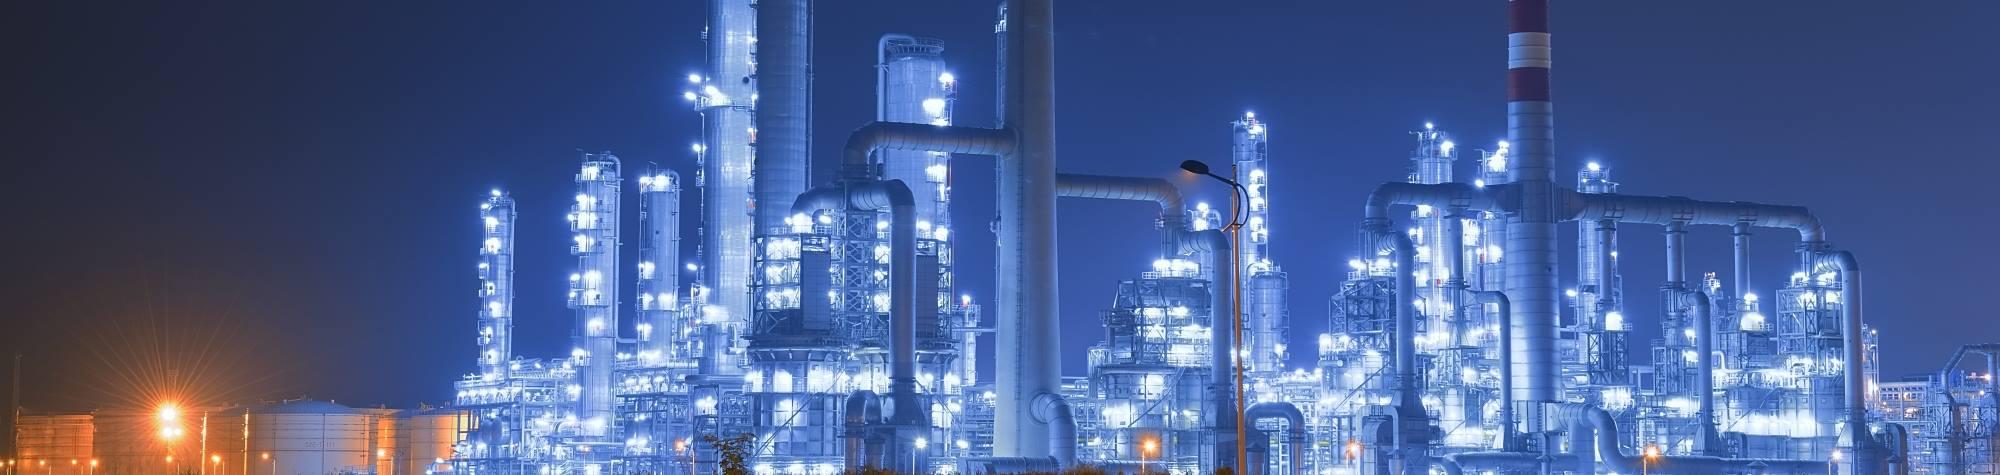 Mercado de energia